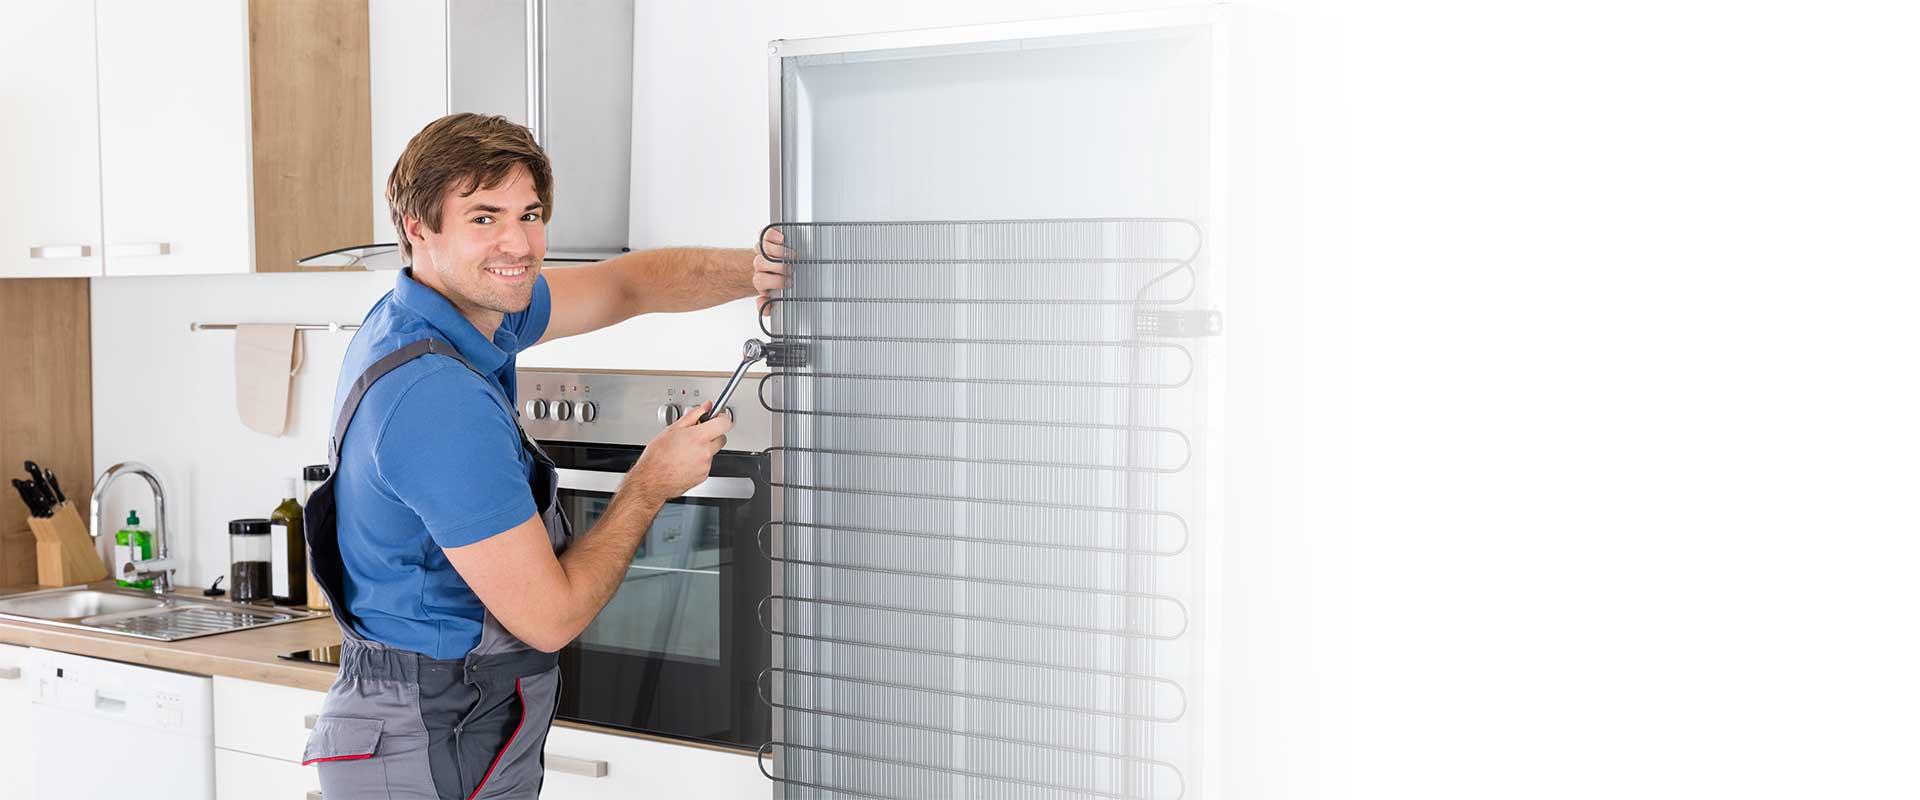 Freezer-Repair-Perth - Fridge Repair Guy